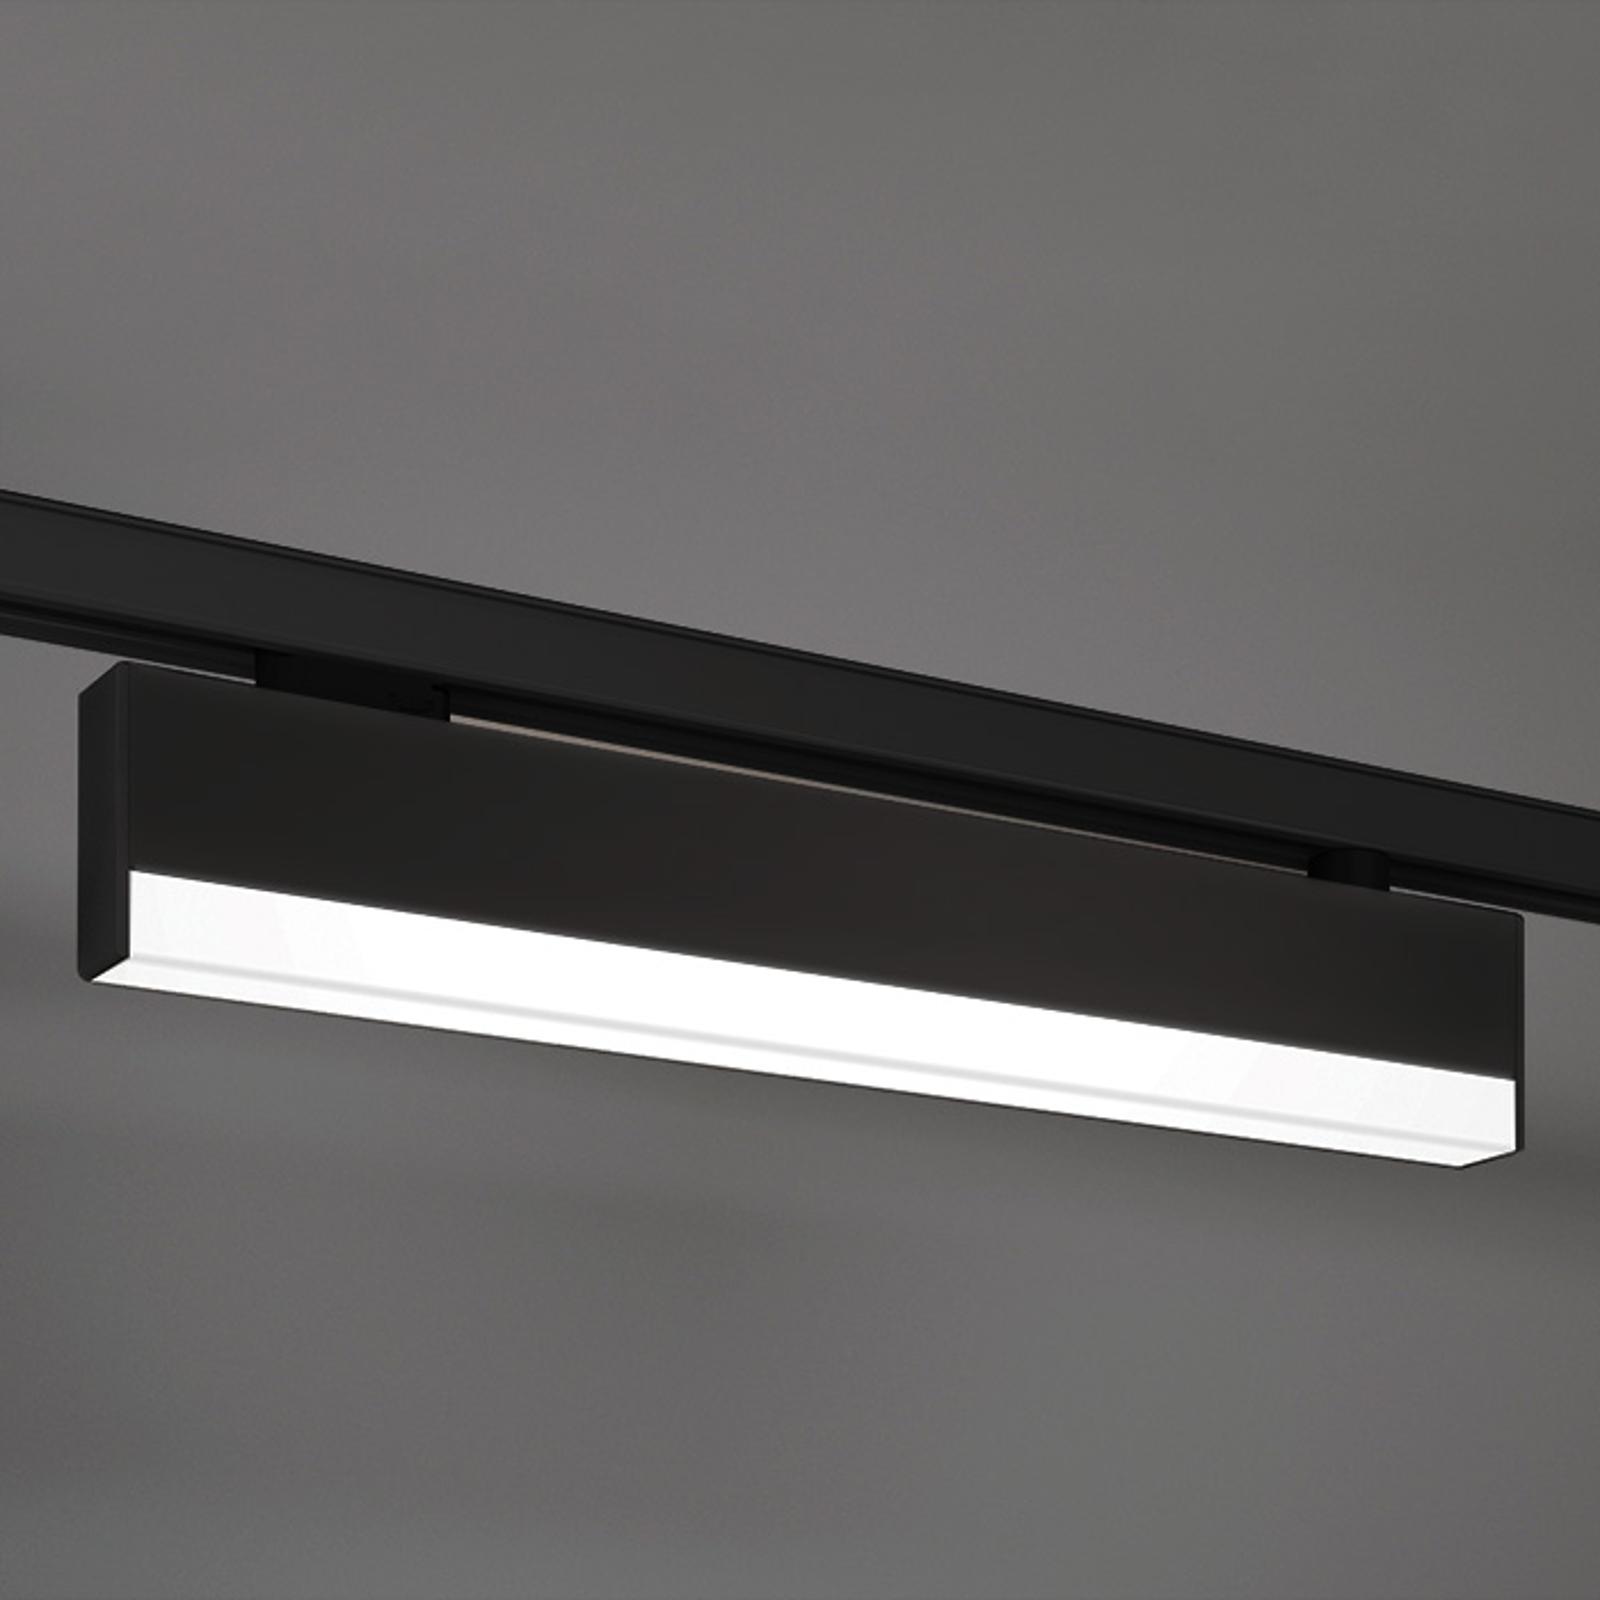 Lampe LED pour rail électrique triphasé, noir